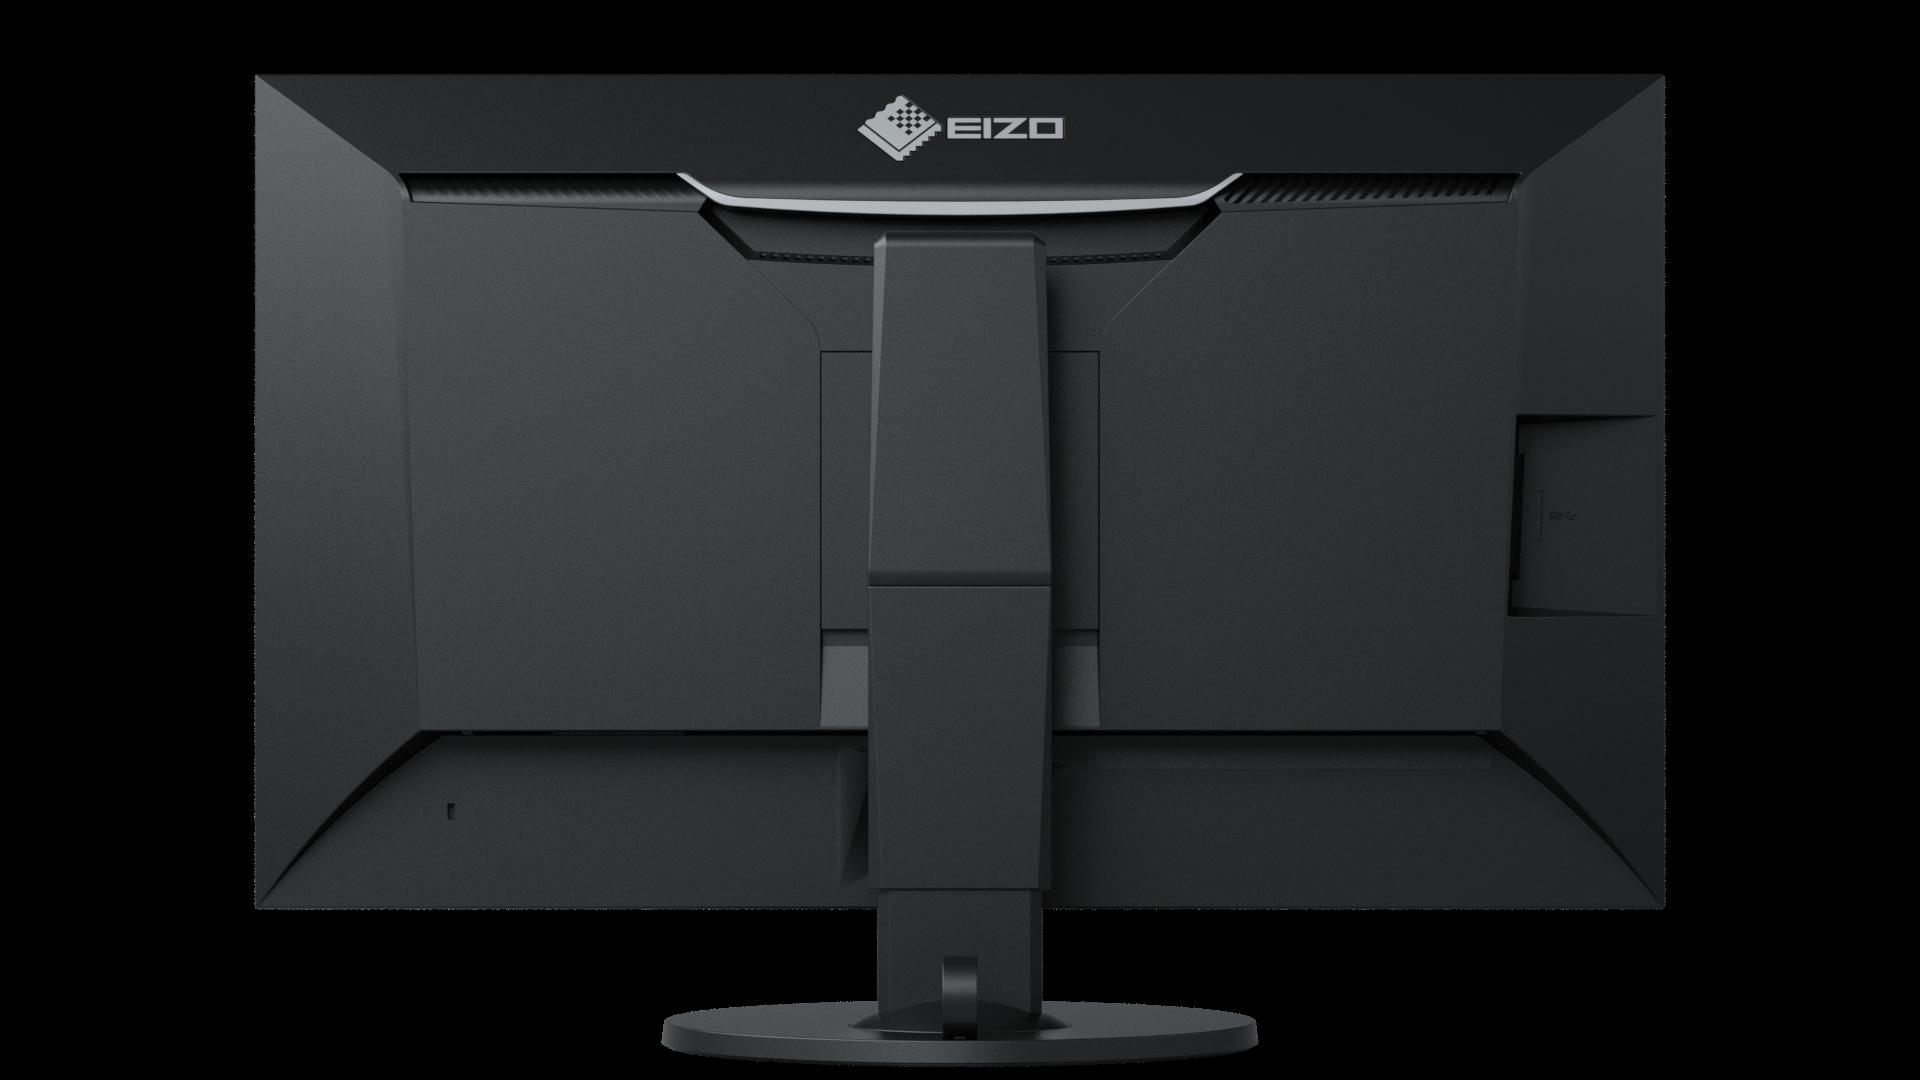 Eizo Eizo ColorEdge CS2740